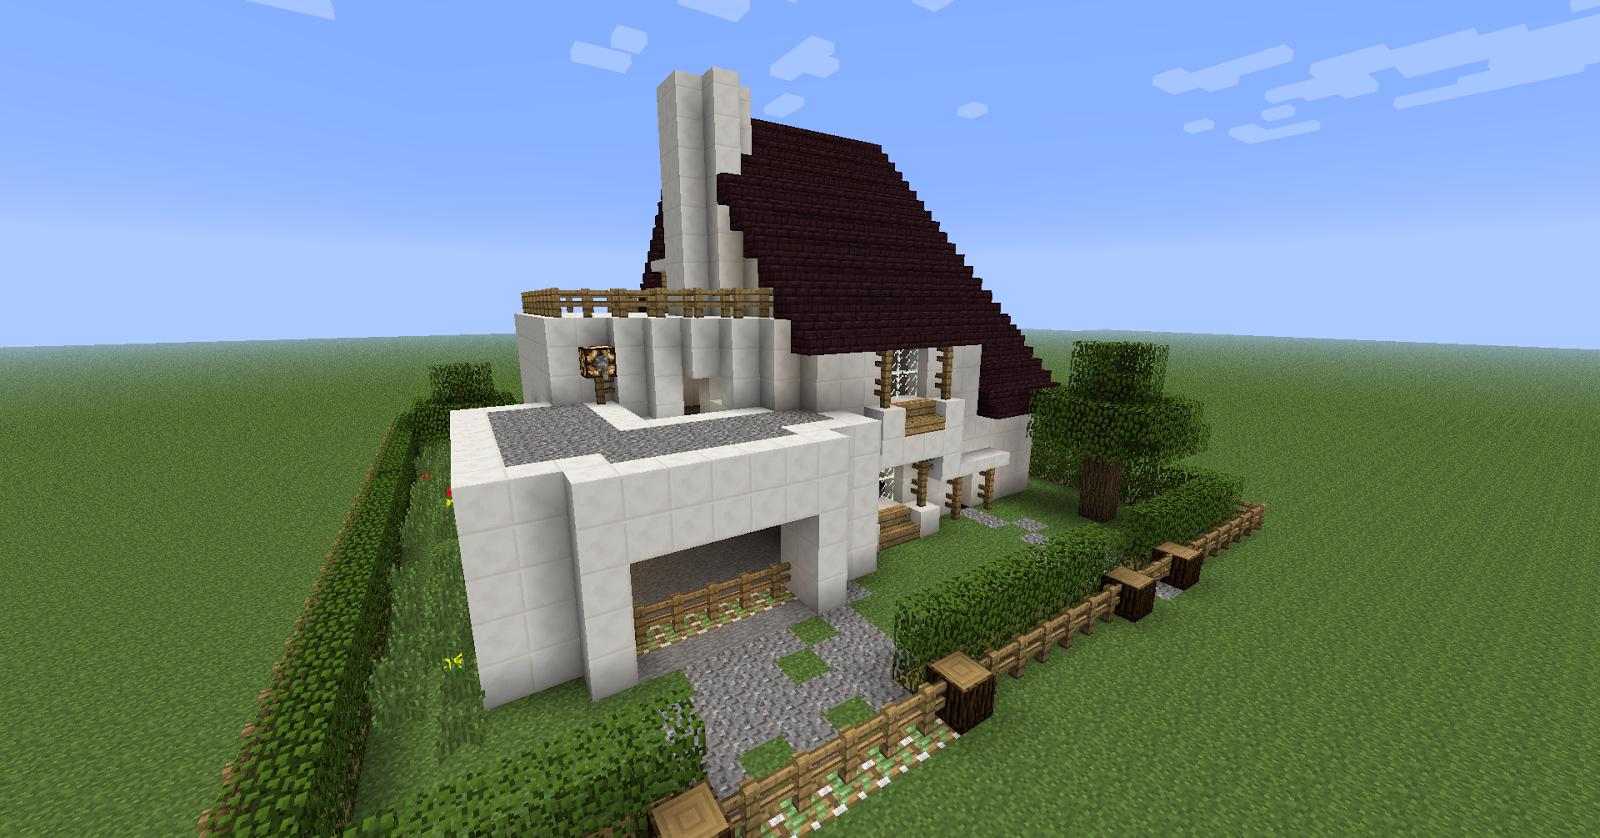 D co jardin moderne minecraft orleans 19 orleans for Minecraft maison moderne